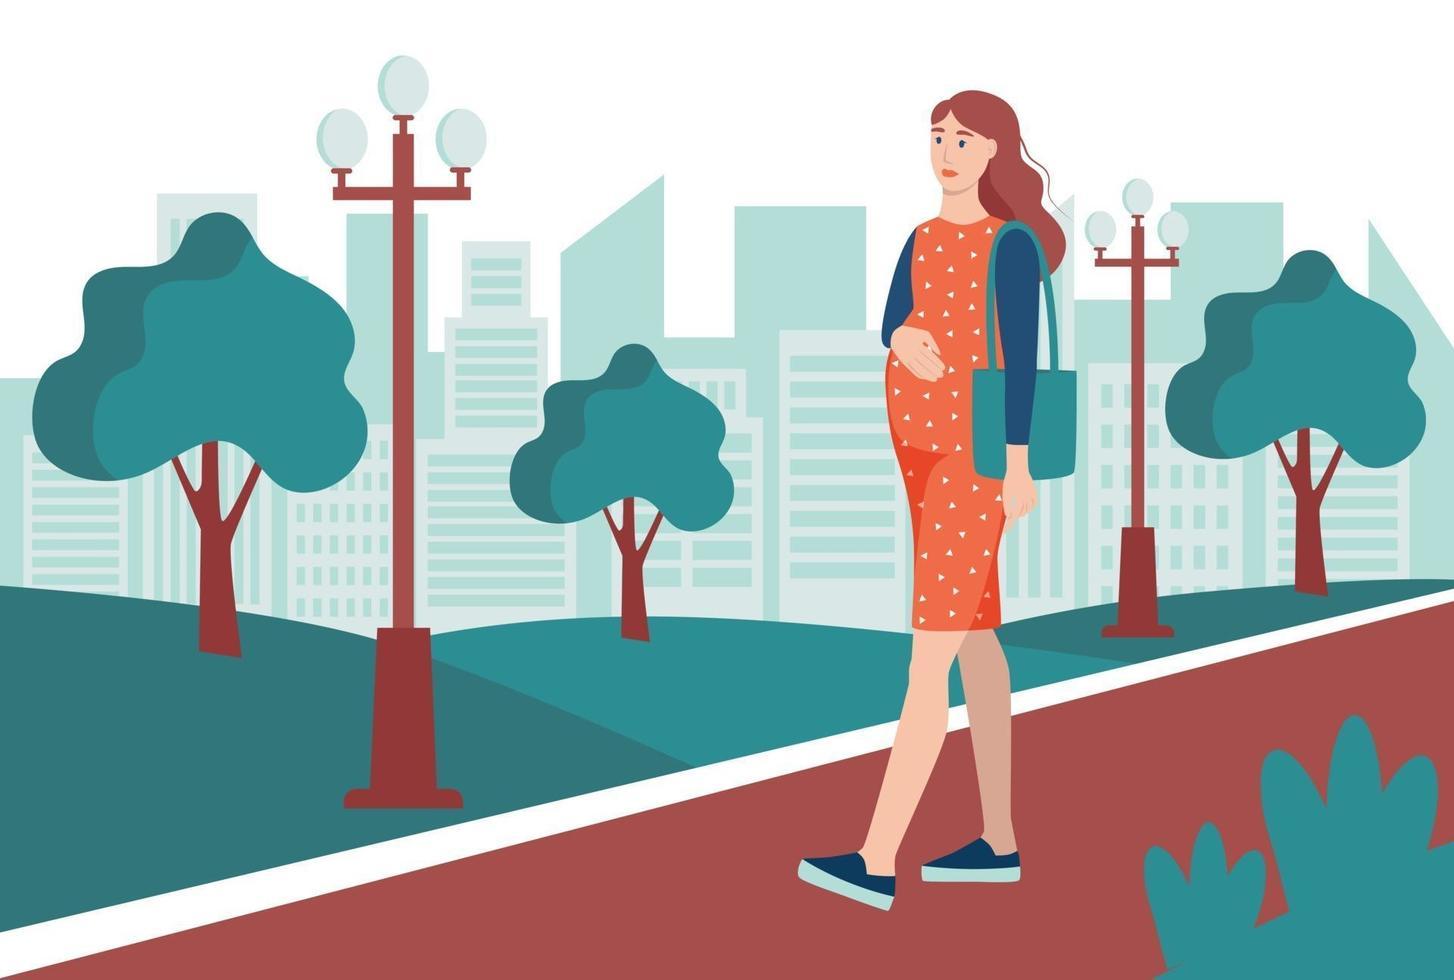 una giovane donna incinta cammina nel parco, cammina per strada. il concetto di attività quotidiane e vita quotidiana. illustrazione vettoriale di cartone animato piatto.